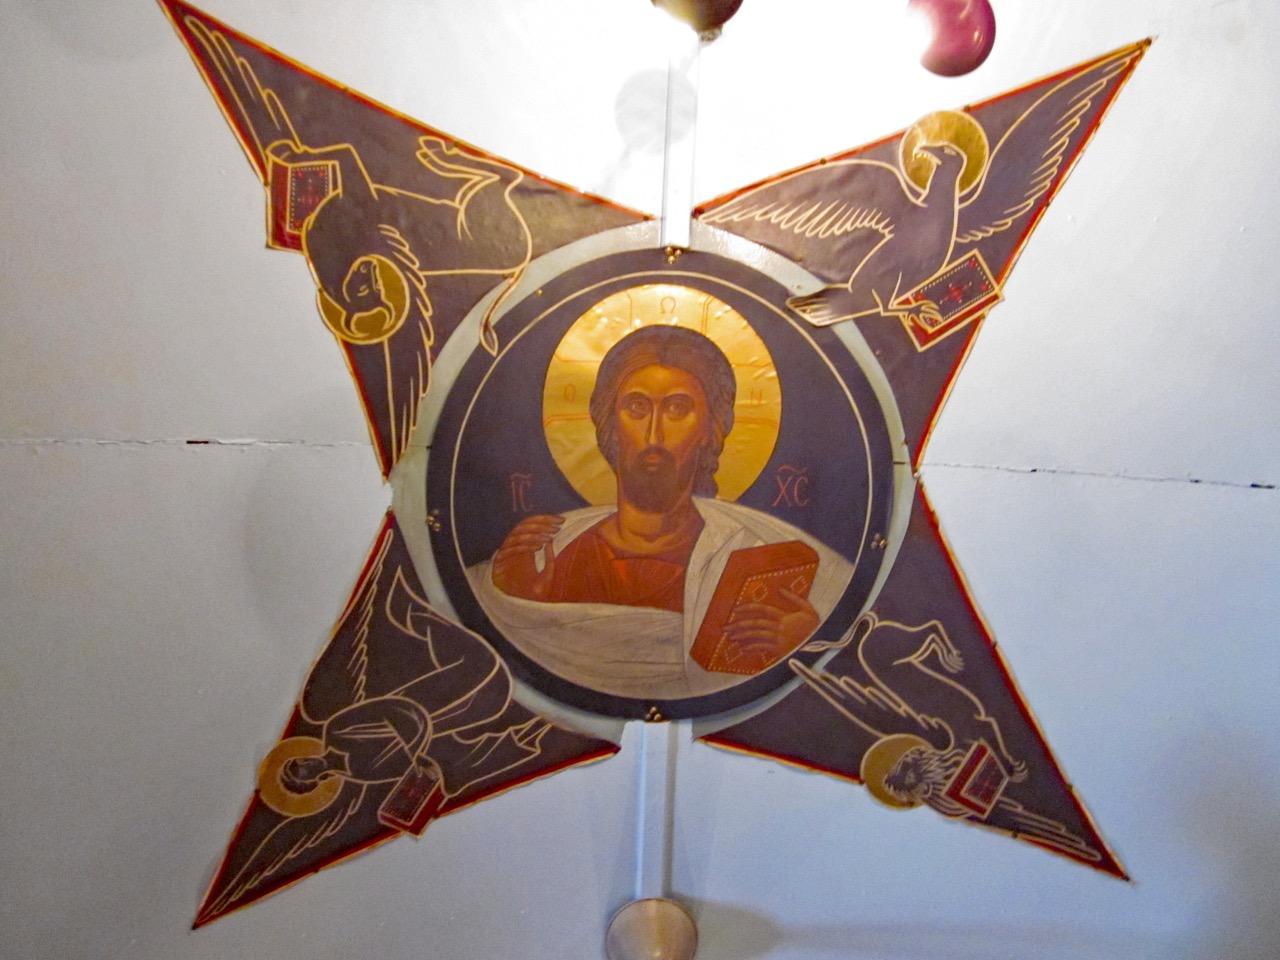 """<a href=""""https://www.visit-a-church.info/glossary#Pantokrator"""" target=""""_blank"""">Pantokrator</a> an der Saaldecke"""